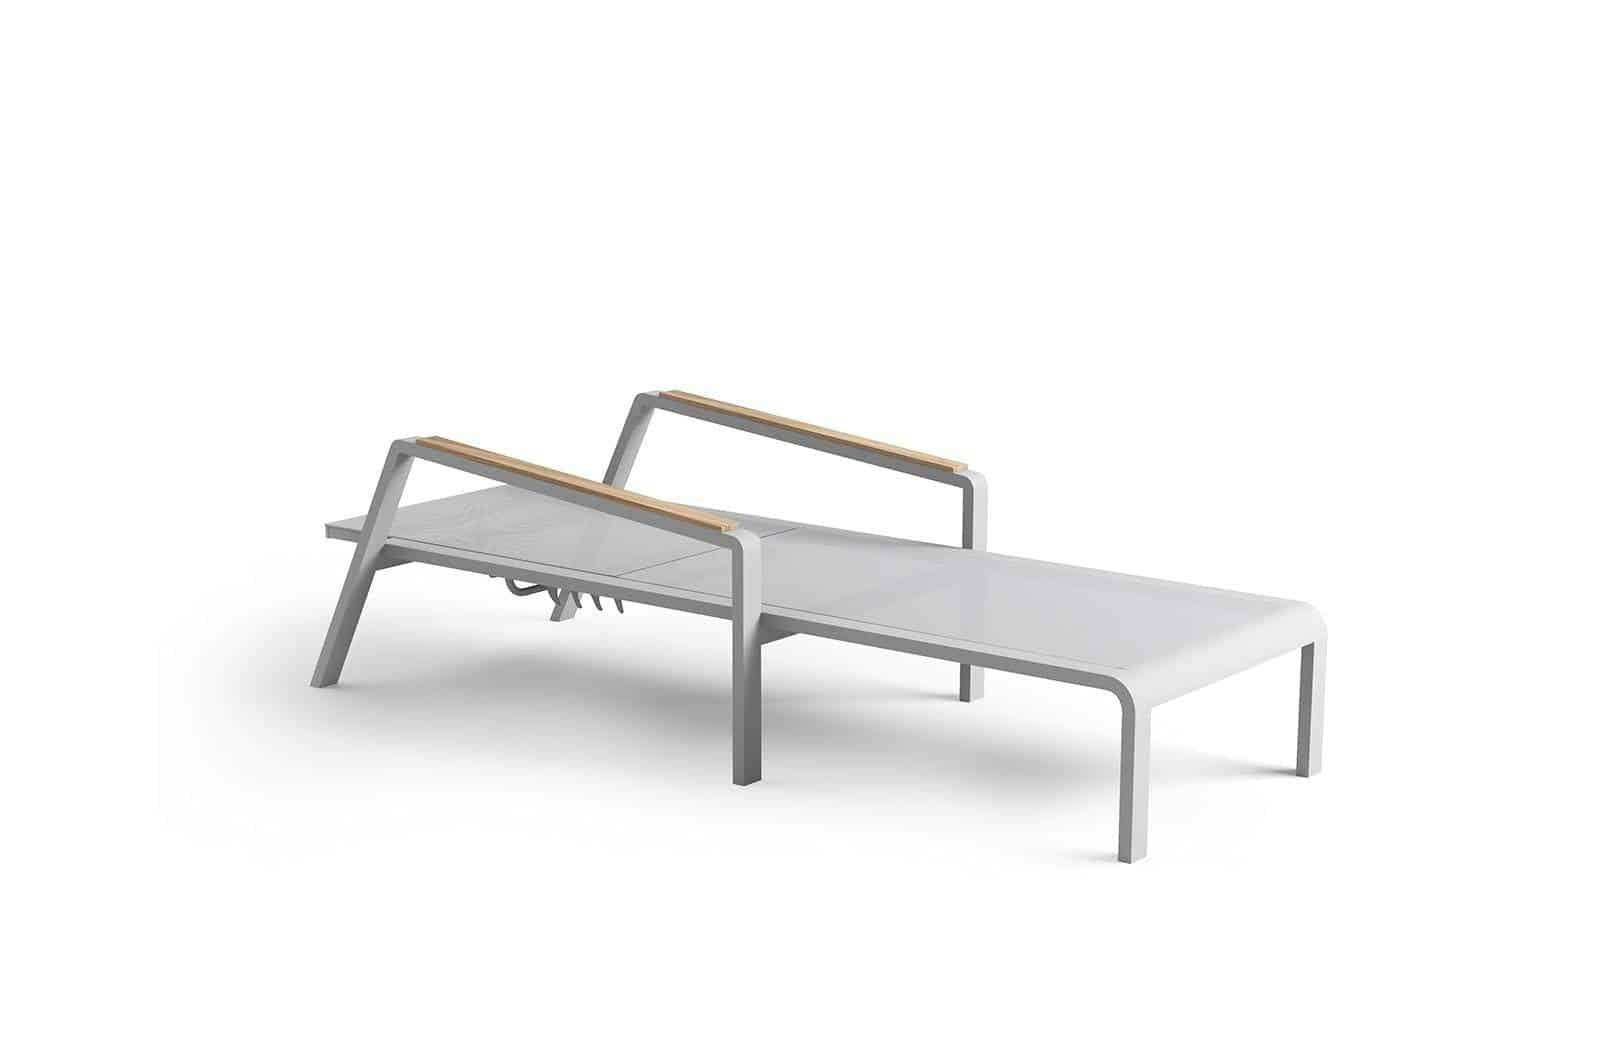 Leżak ogrodowy CORDOBA light grey